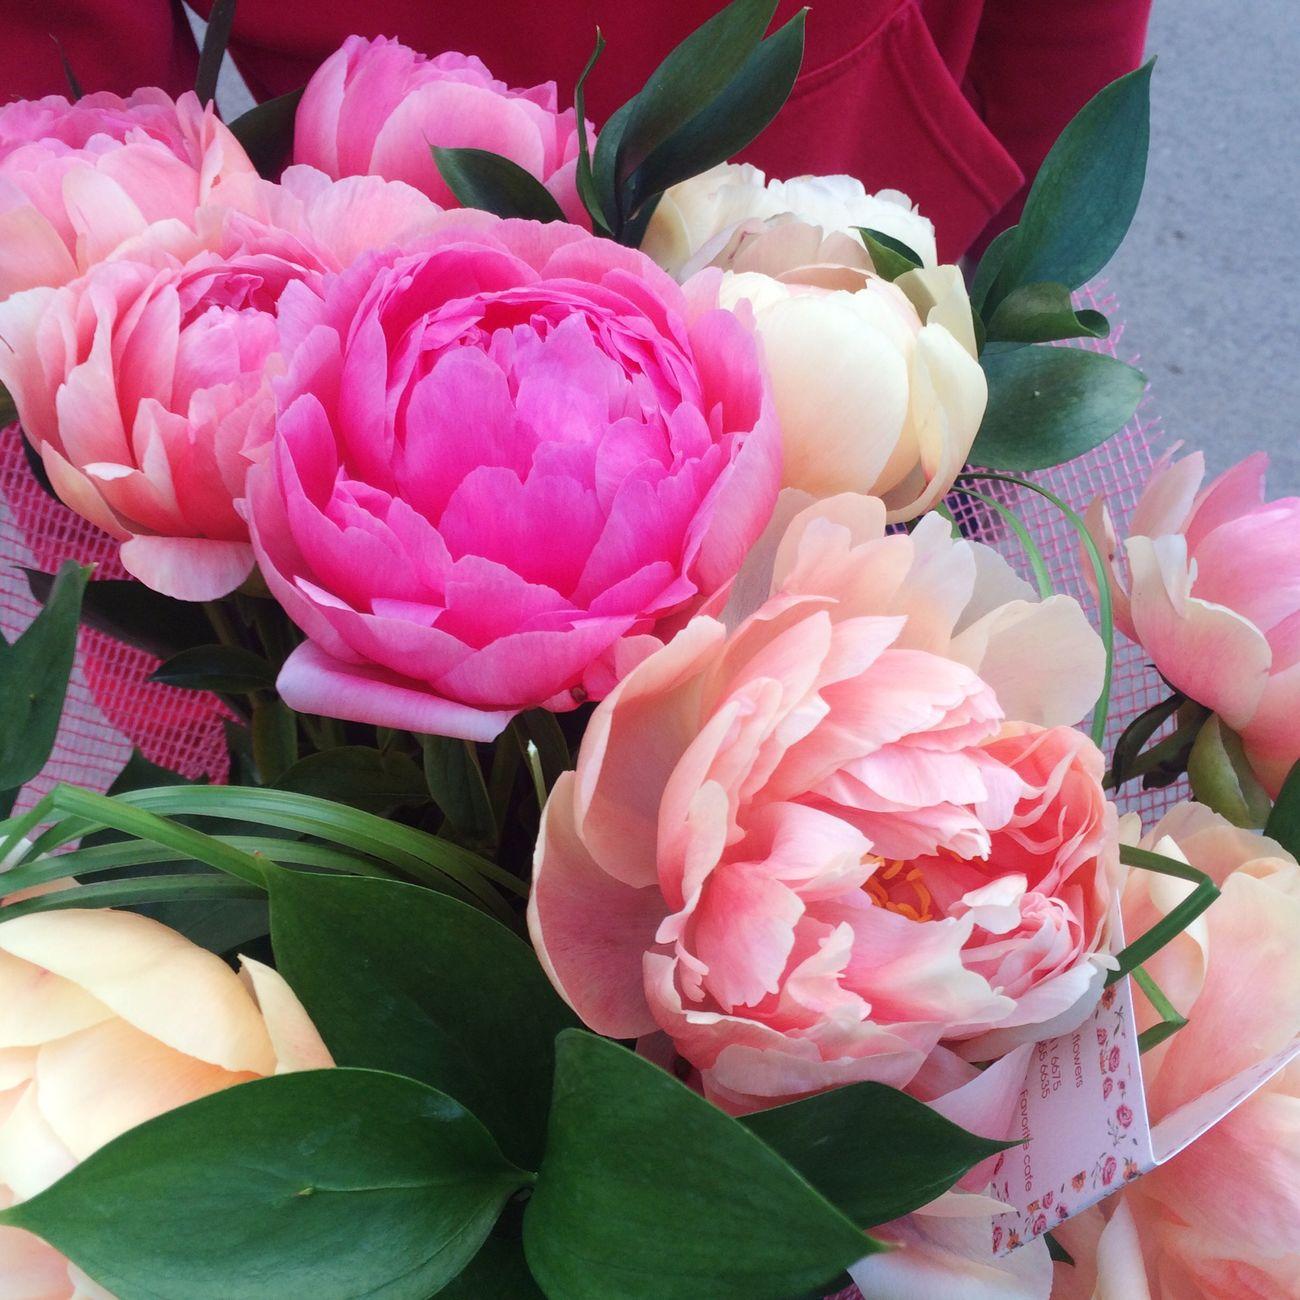 Flowerlovers Favoriteflower Flowershop 🌸💐🌸💐🌸💐🎀💕